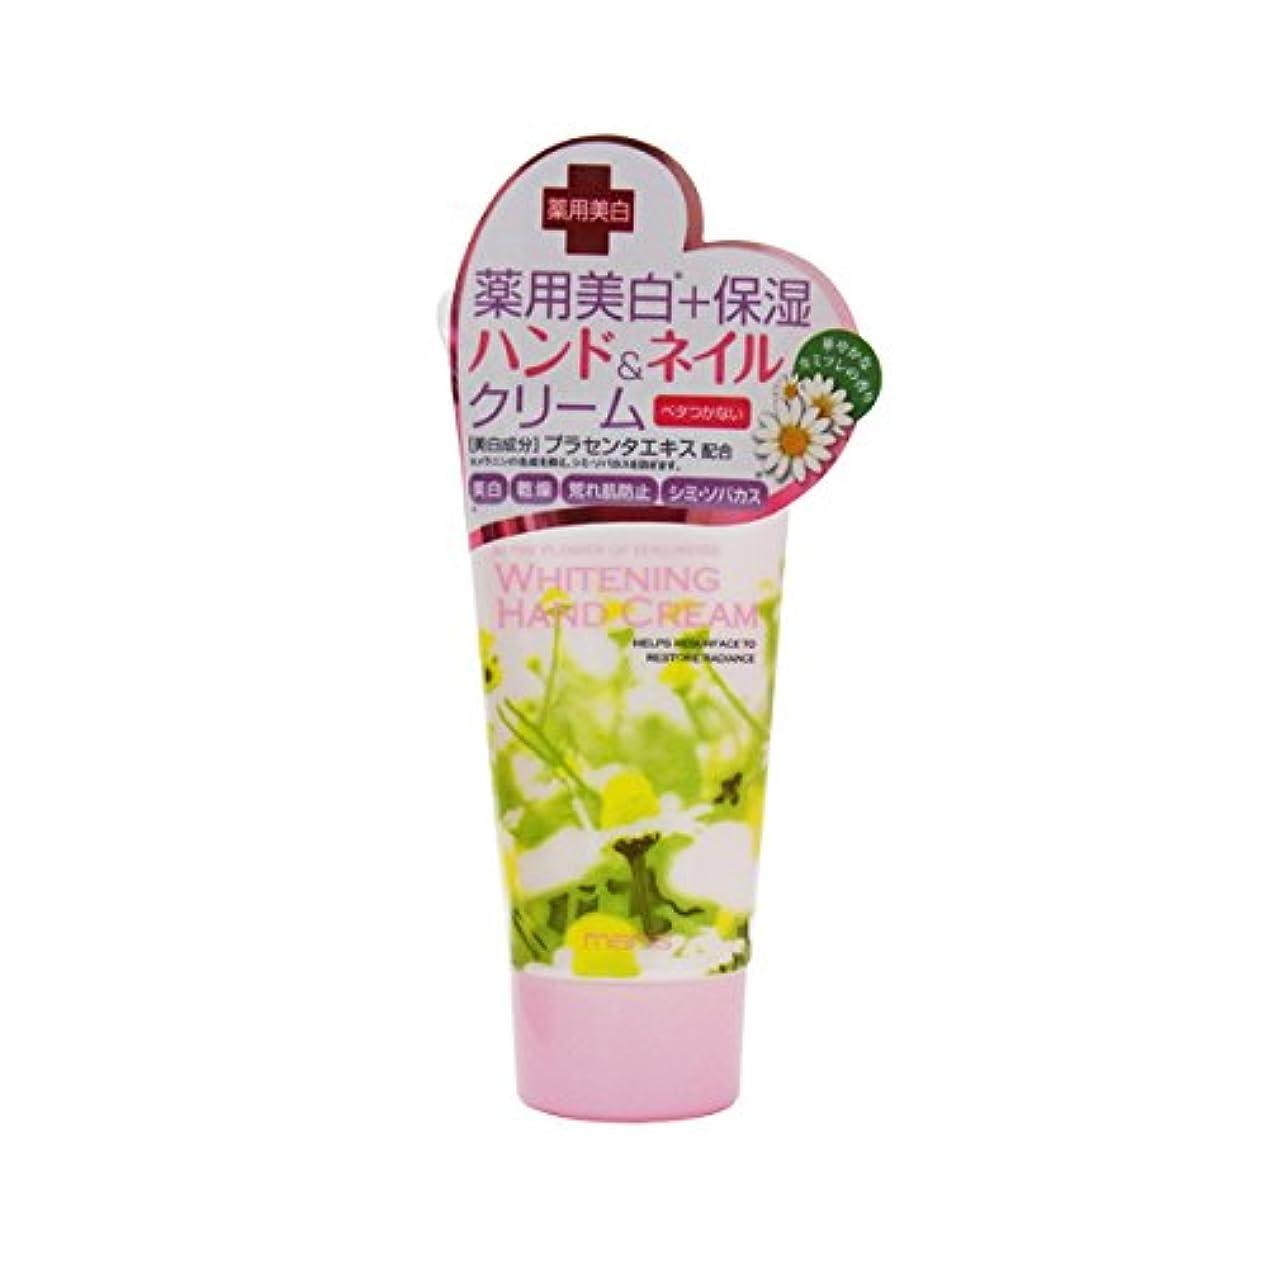 支給昼食貝殻マニス ホワイトニング ハンドクリーム 医薬部外品 60g